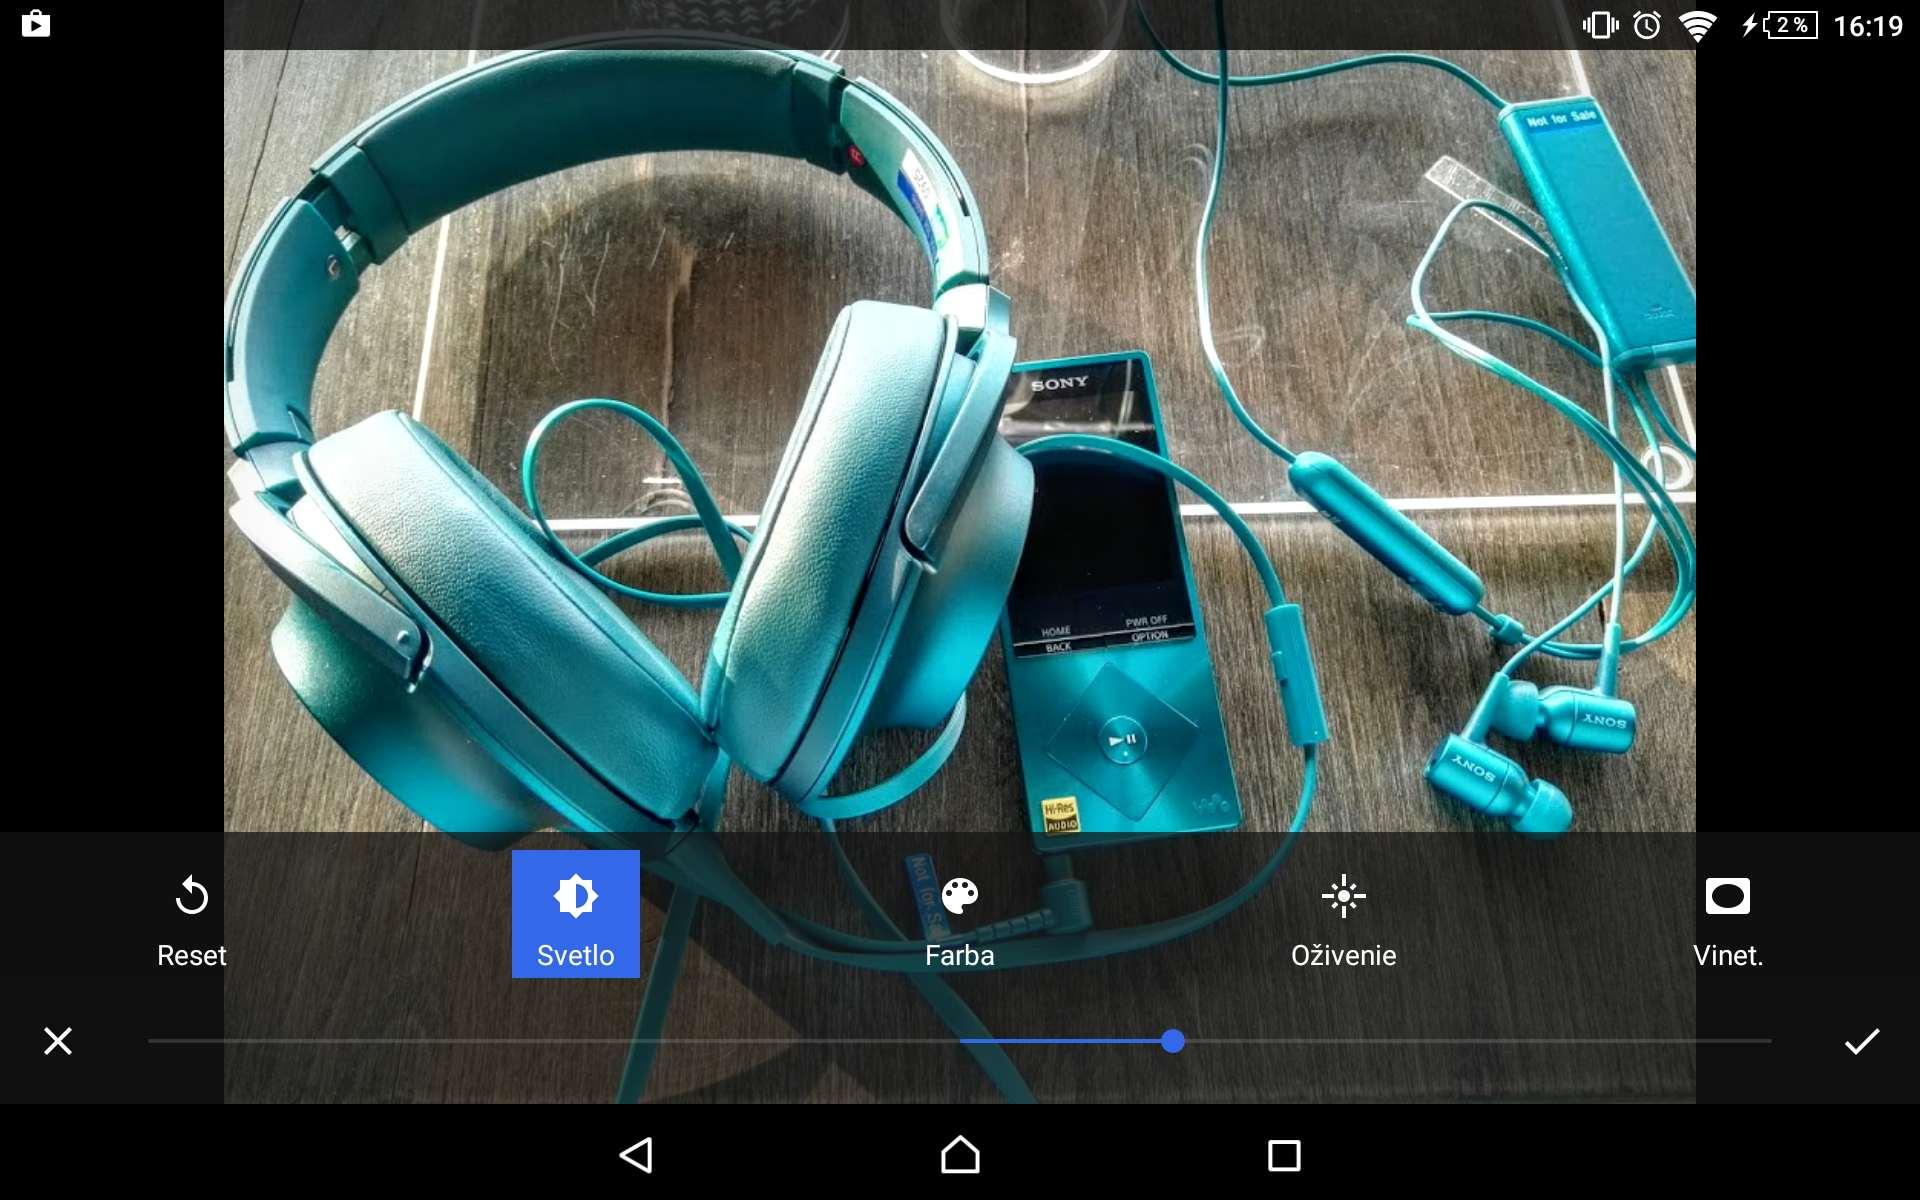 Fotky Google sú komplexné riešenie. Výhodou je zálohovanie fotiek do cloudu, jednoduchý editor často postačí